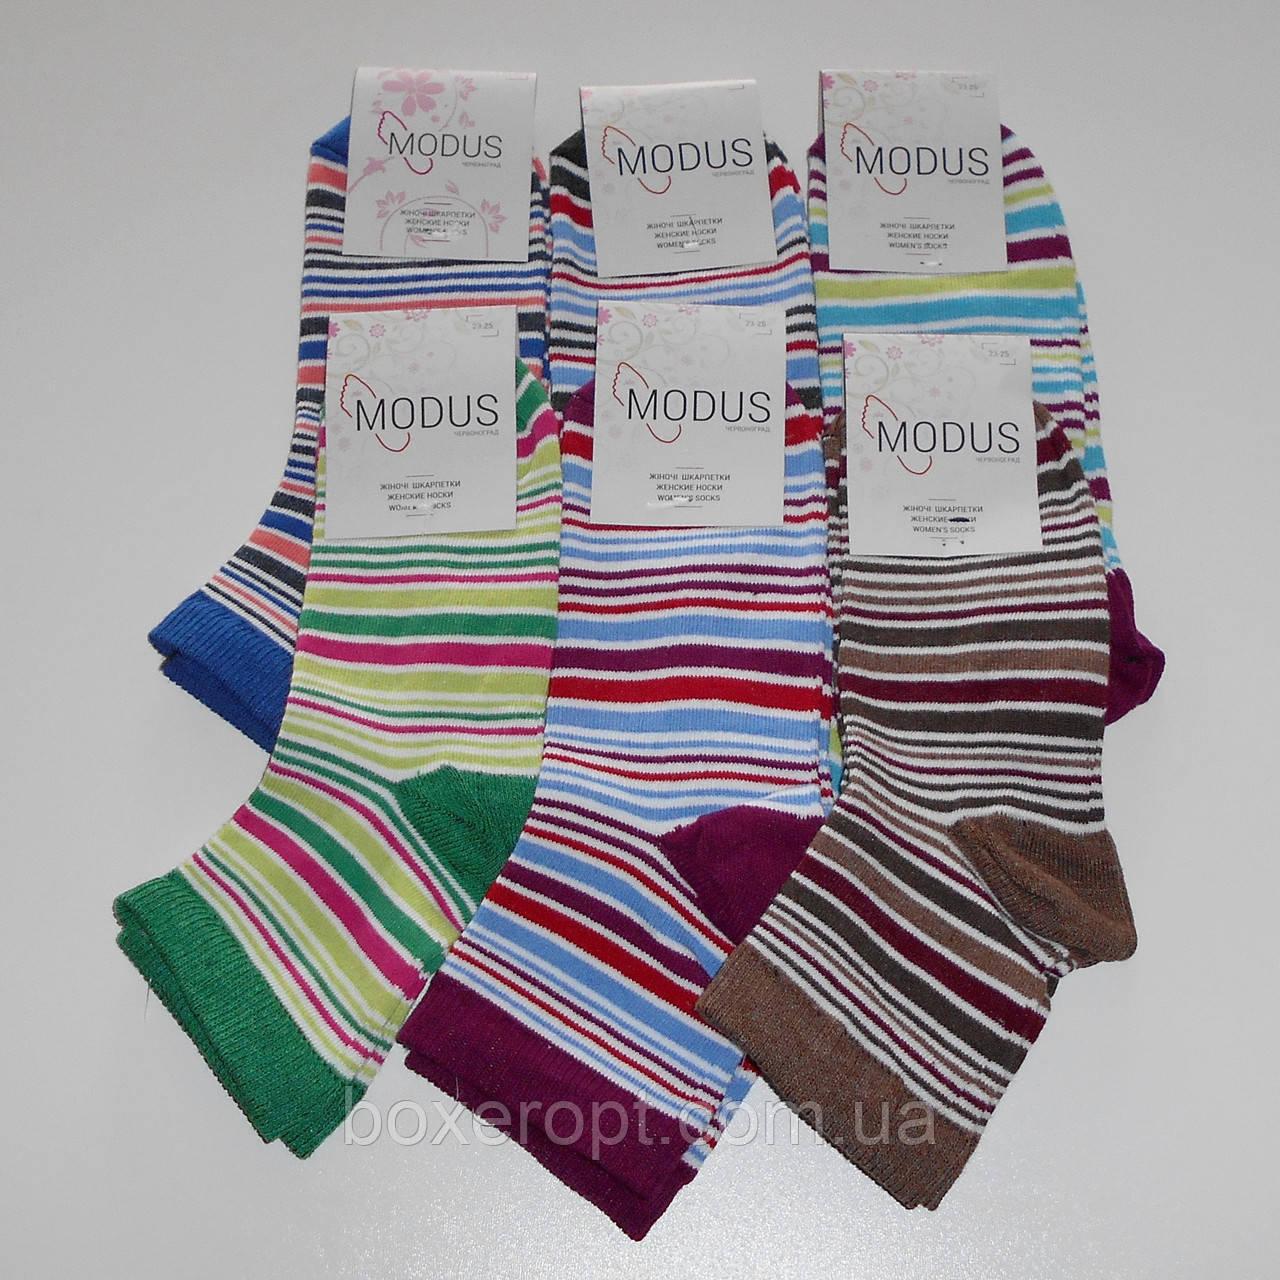 Женские носки Modus - 6.00 грн./пара (полоска)